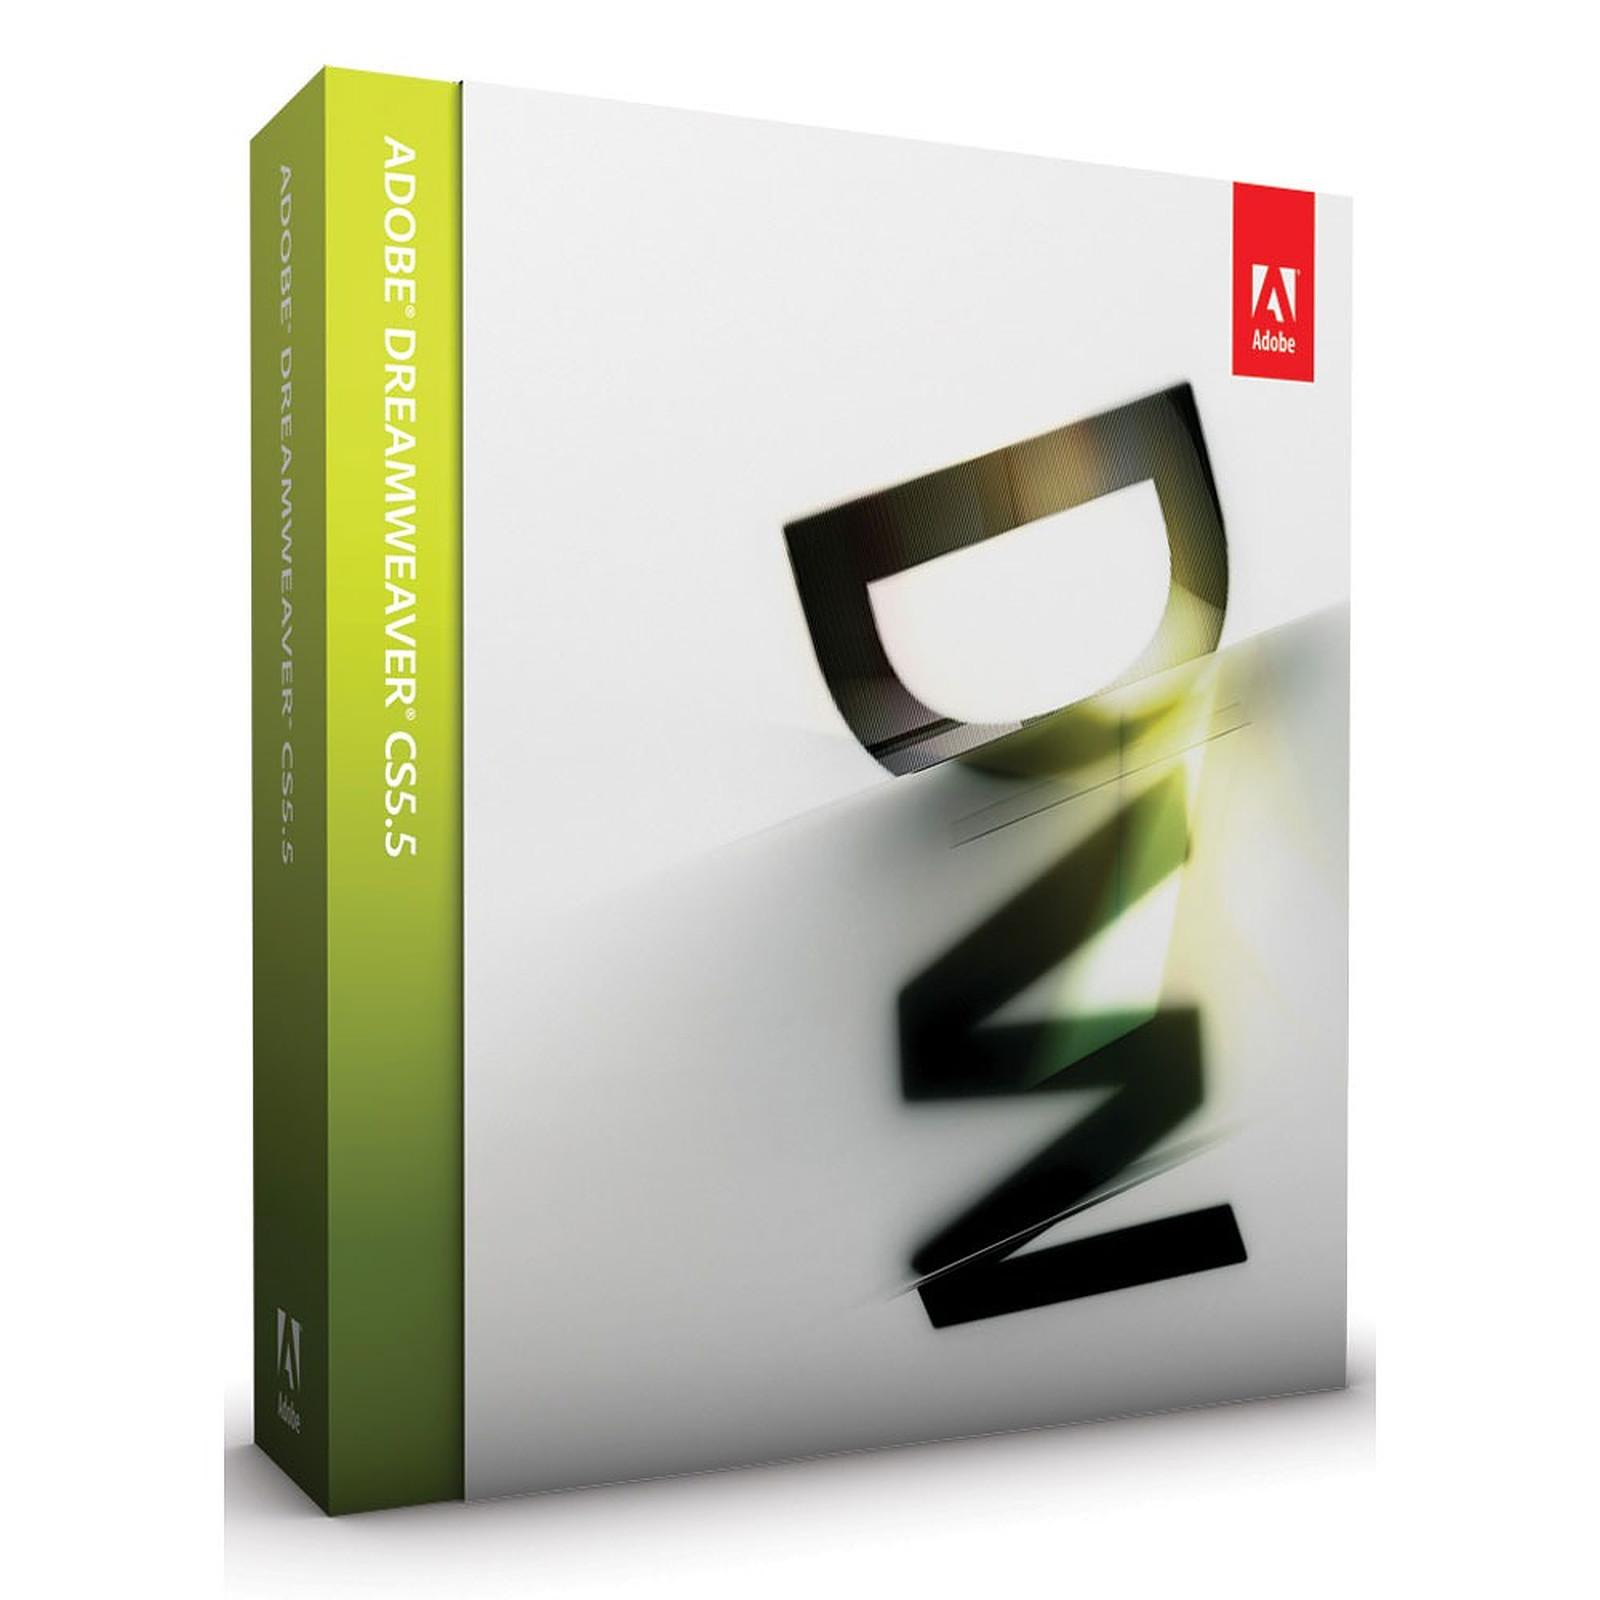 Adobe Dreamweaver CS5.5 - Etudiant Mac